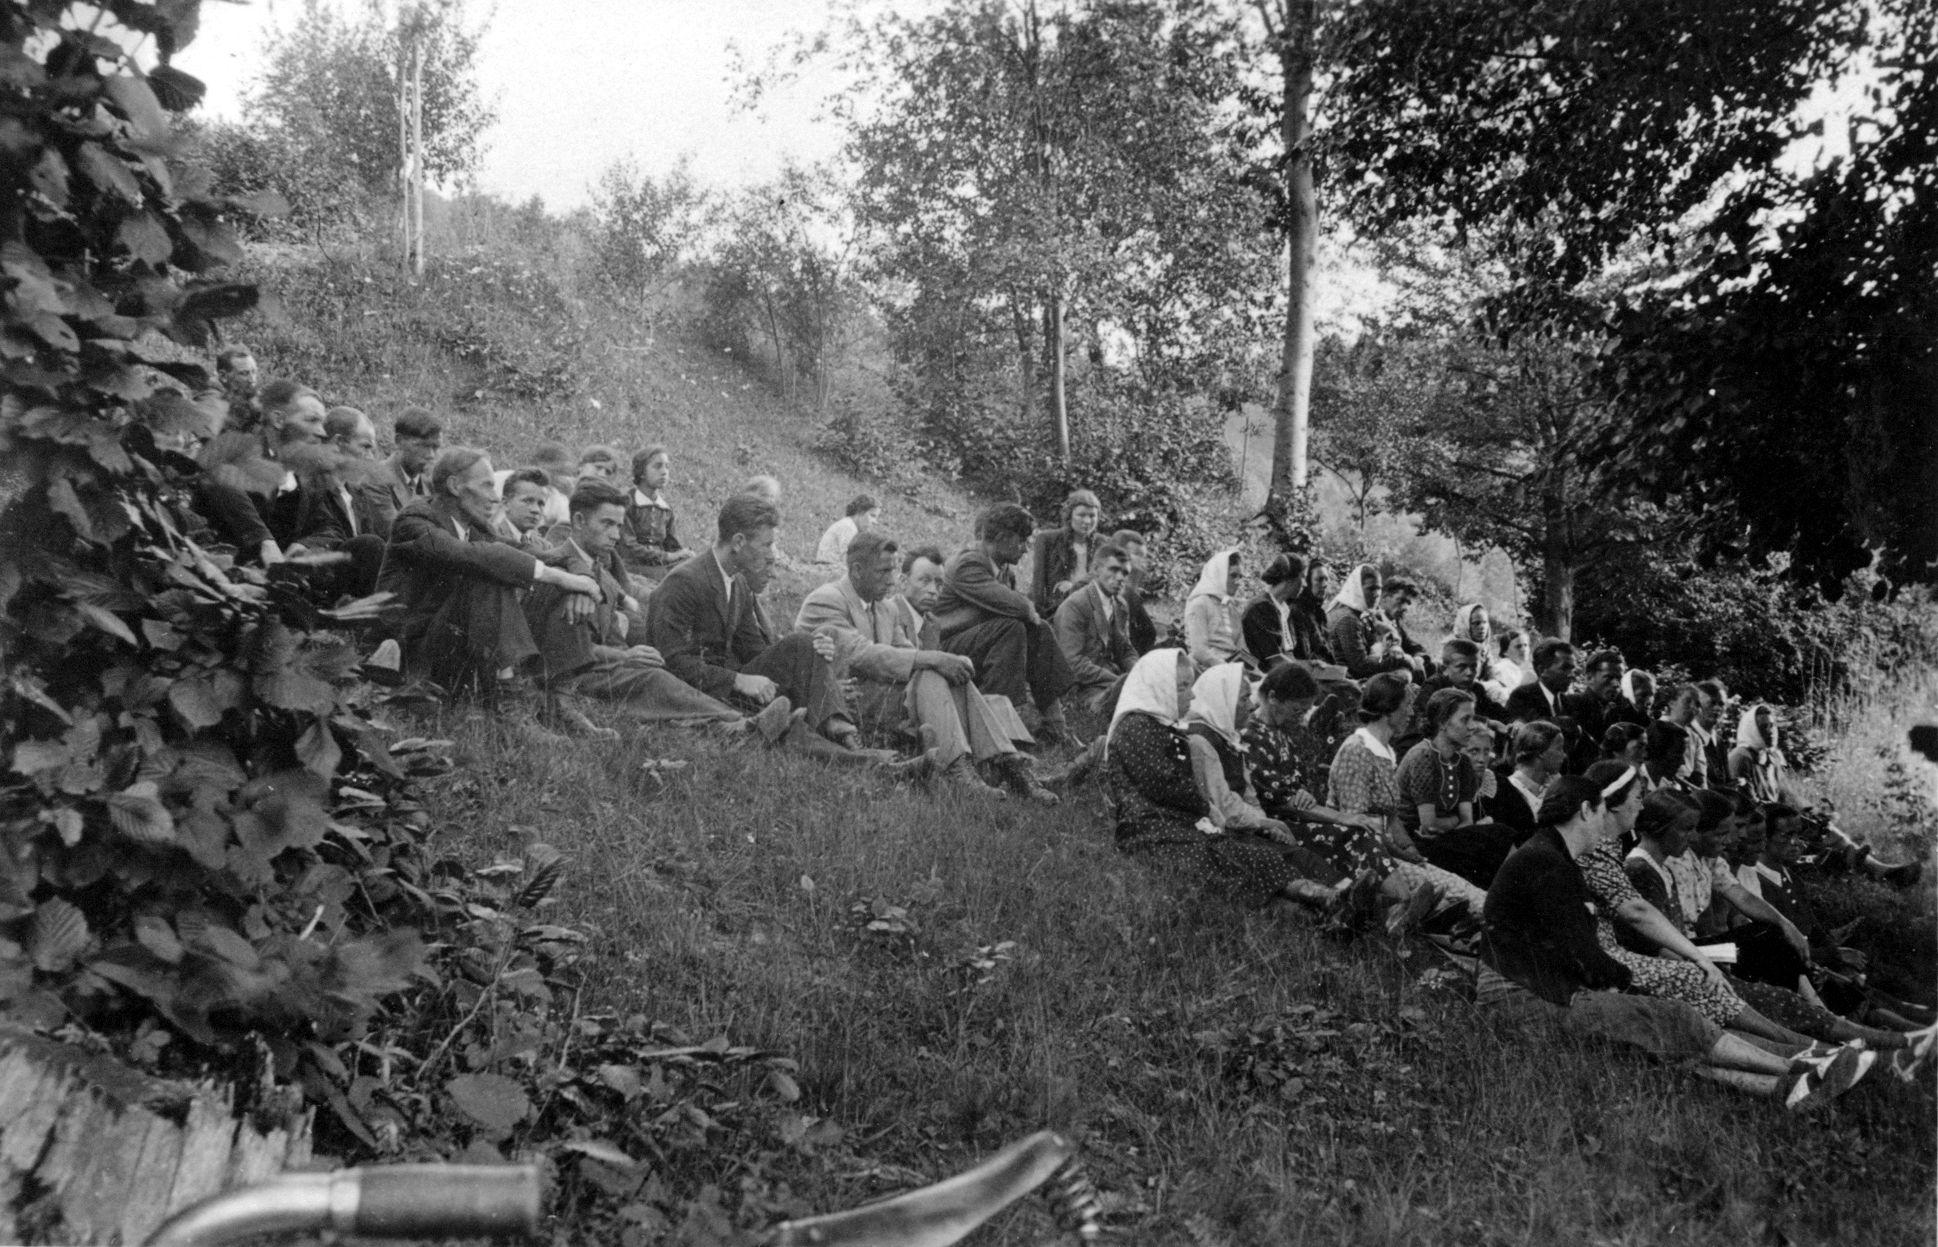 Fotografie z náboženských shromáždění pořádaných ve 30. letech